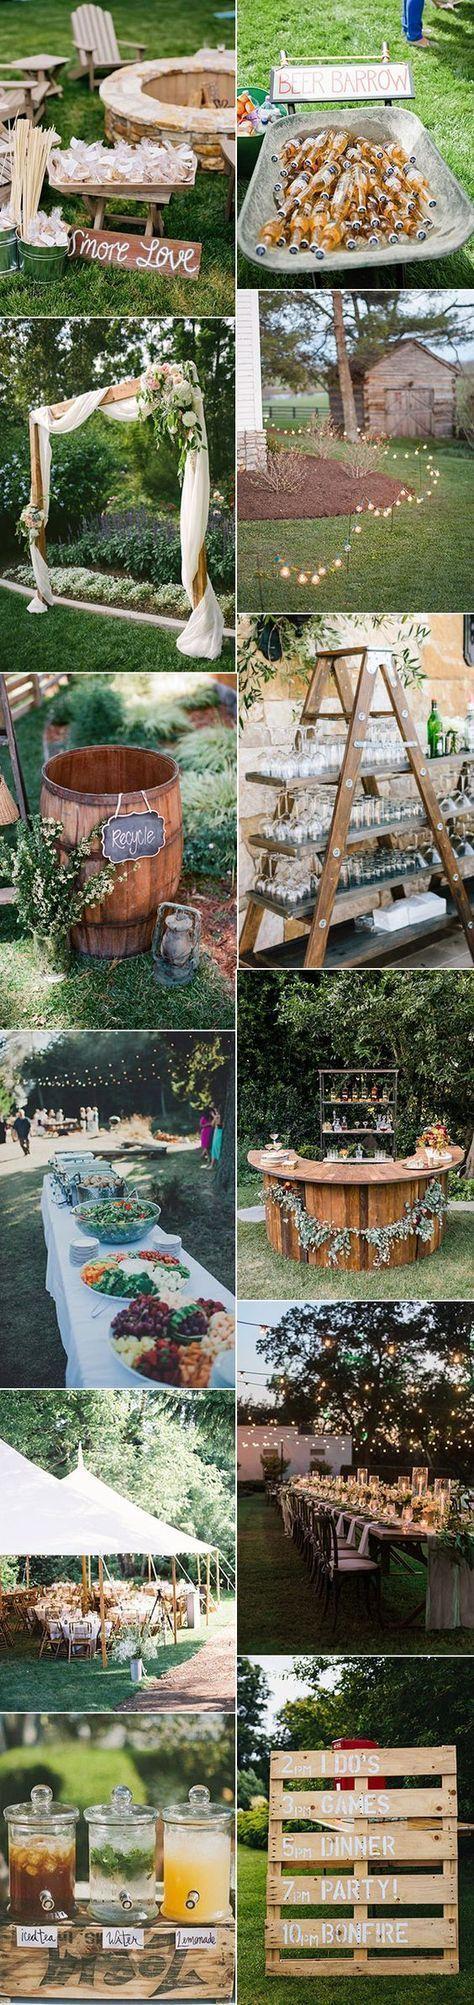 trending rustic backyard wedding ideas for 2017 #WeddingIdeasTheme #MexicanWeddi…